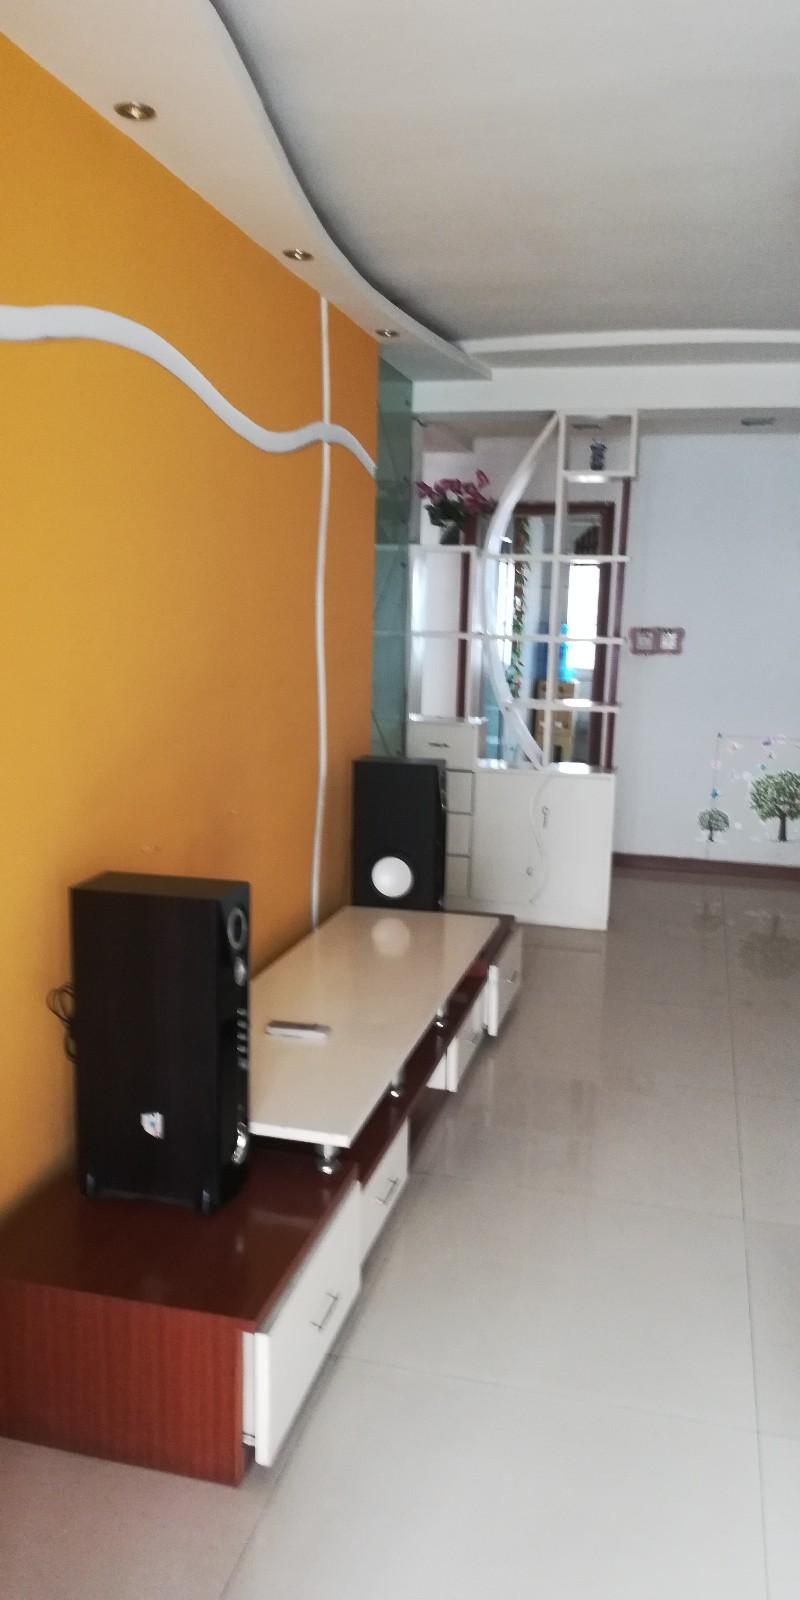 九州方圆 2室 2厅 120平米 精装 家具家电齐全九州方圆